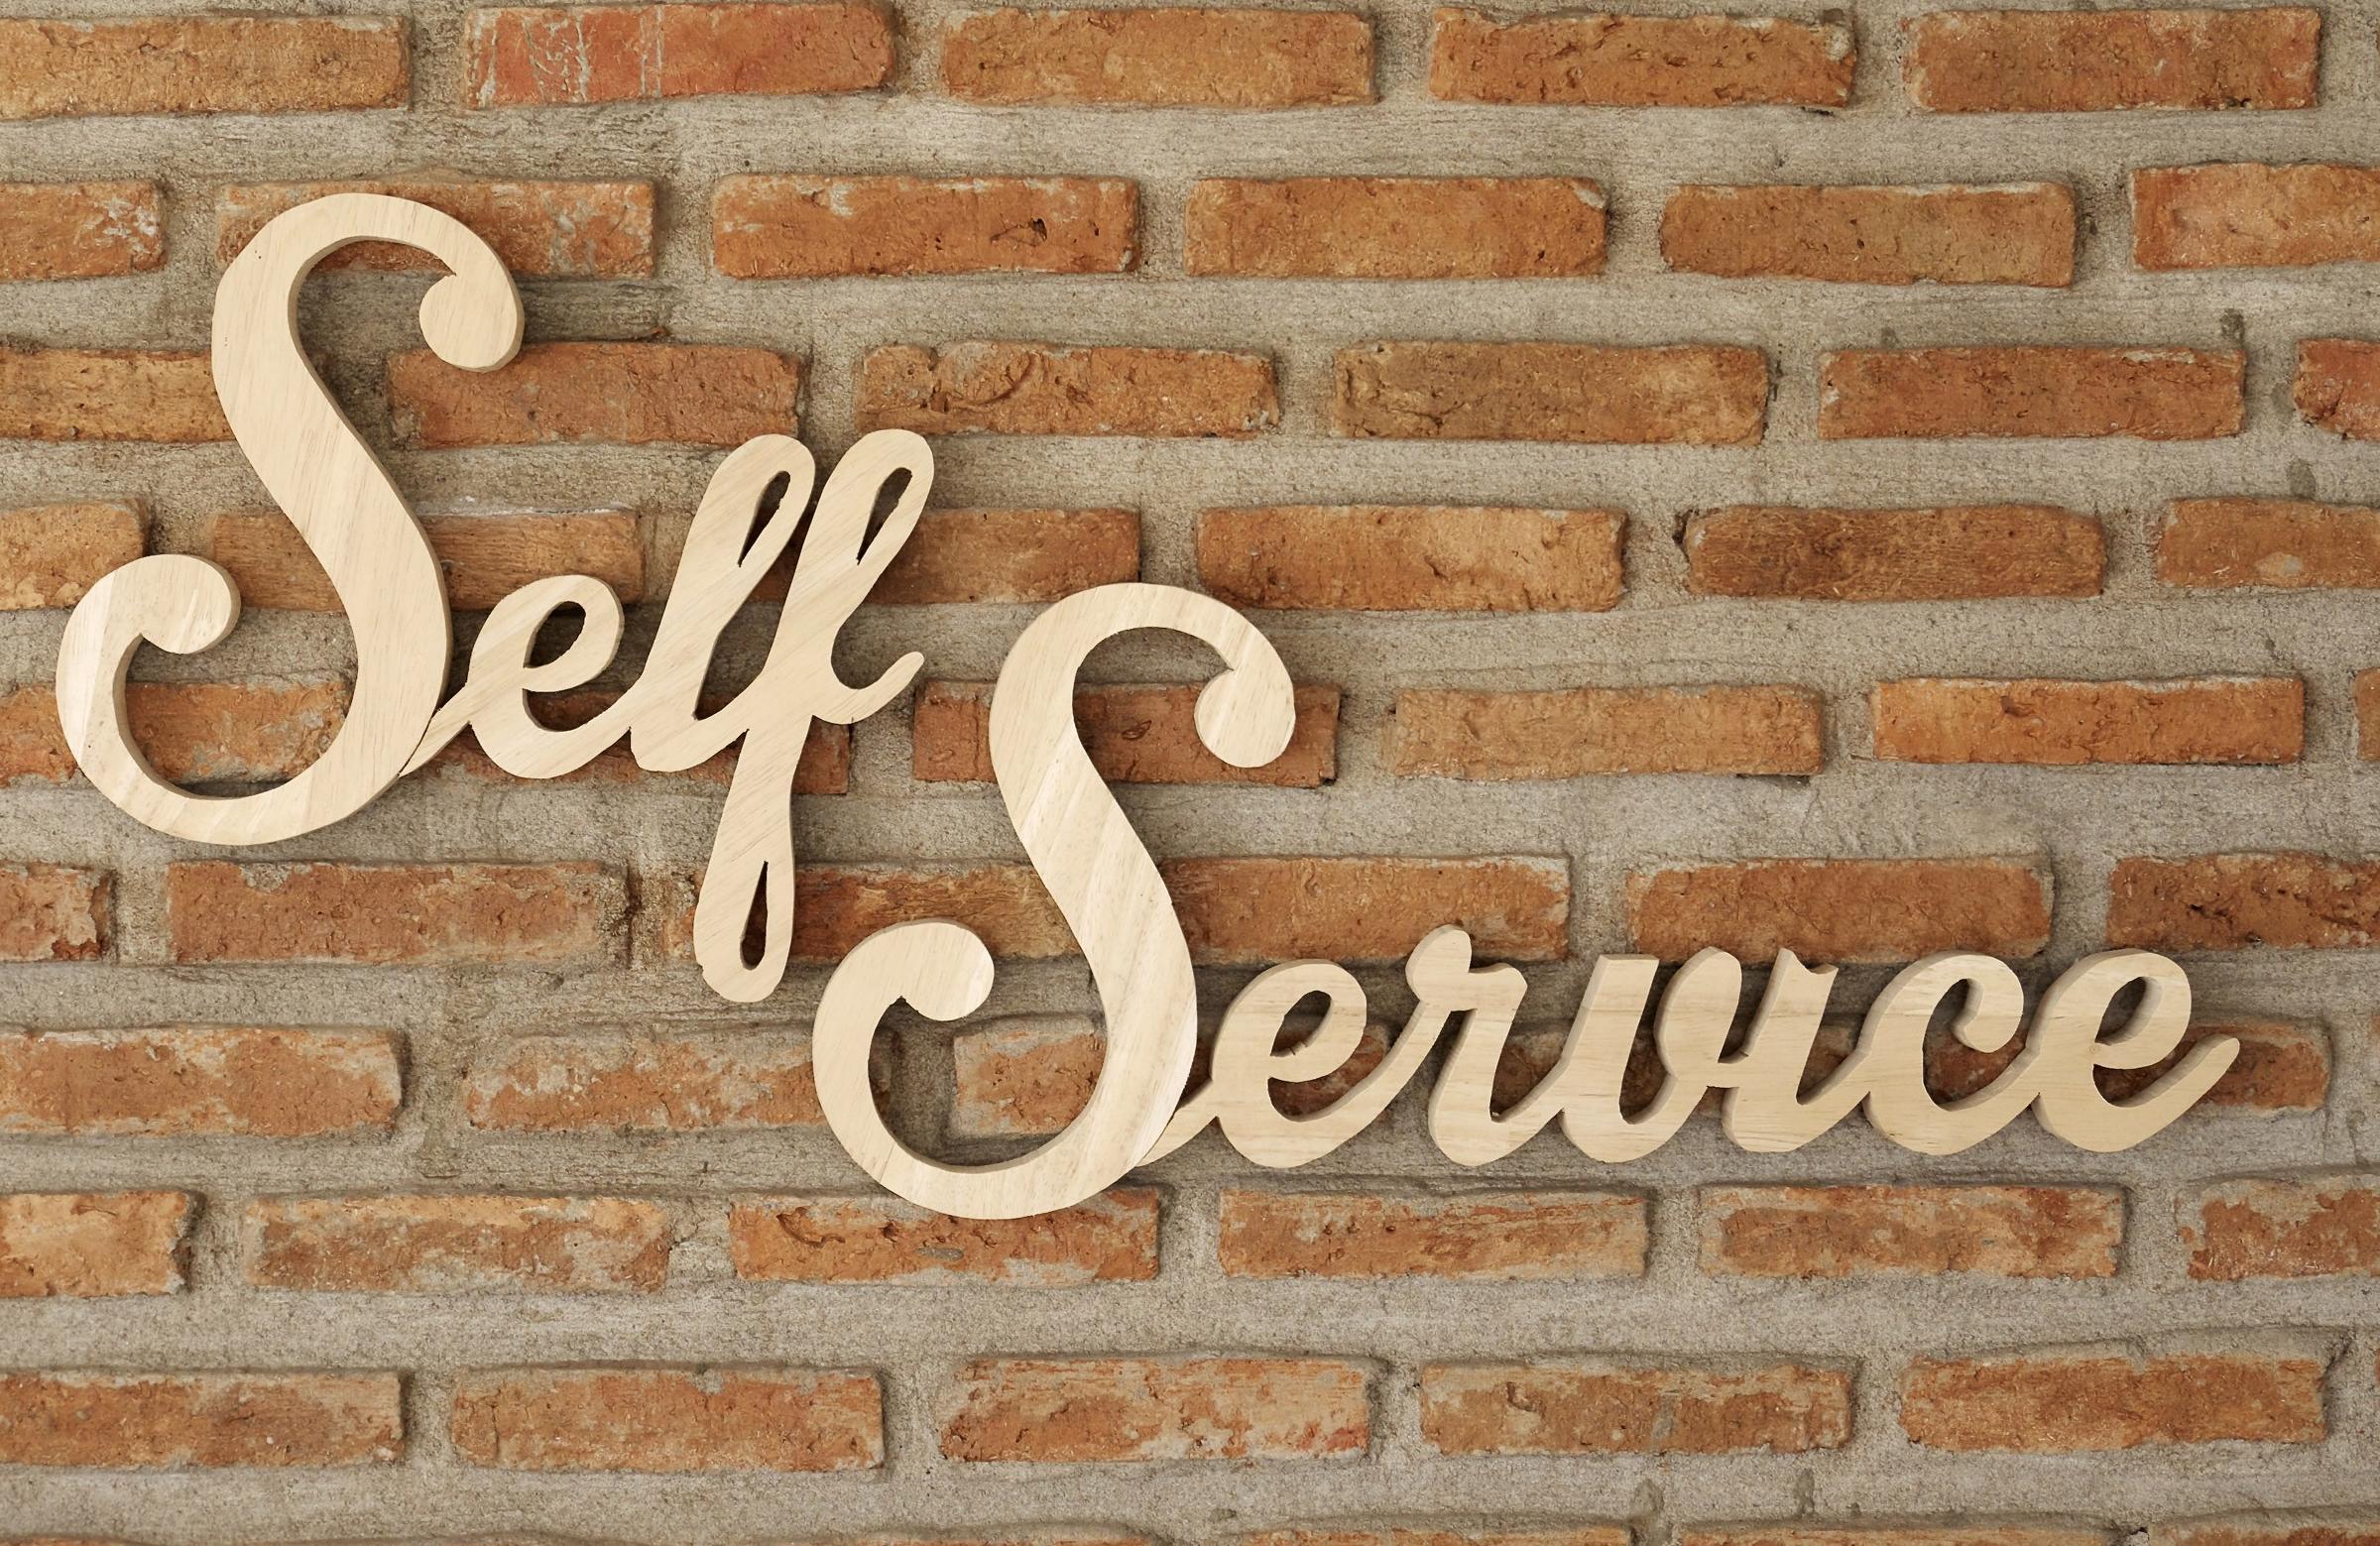 Self serve photo